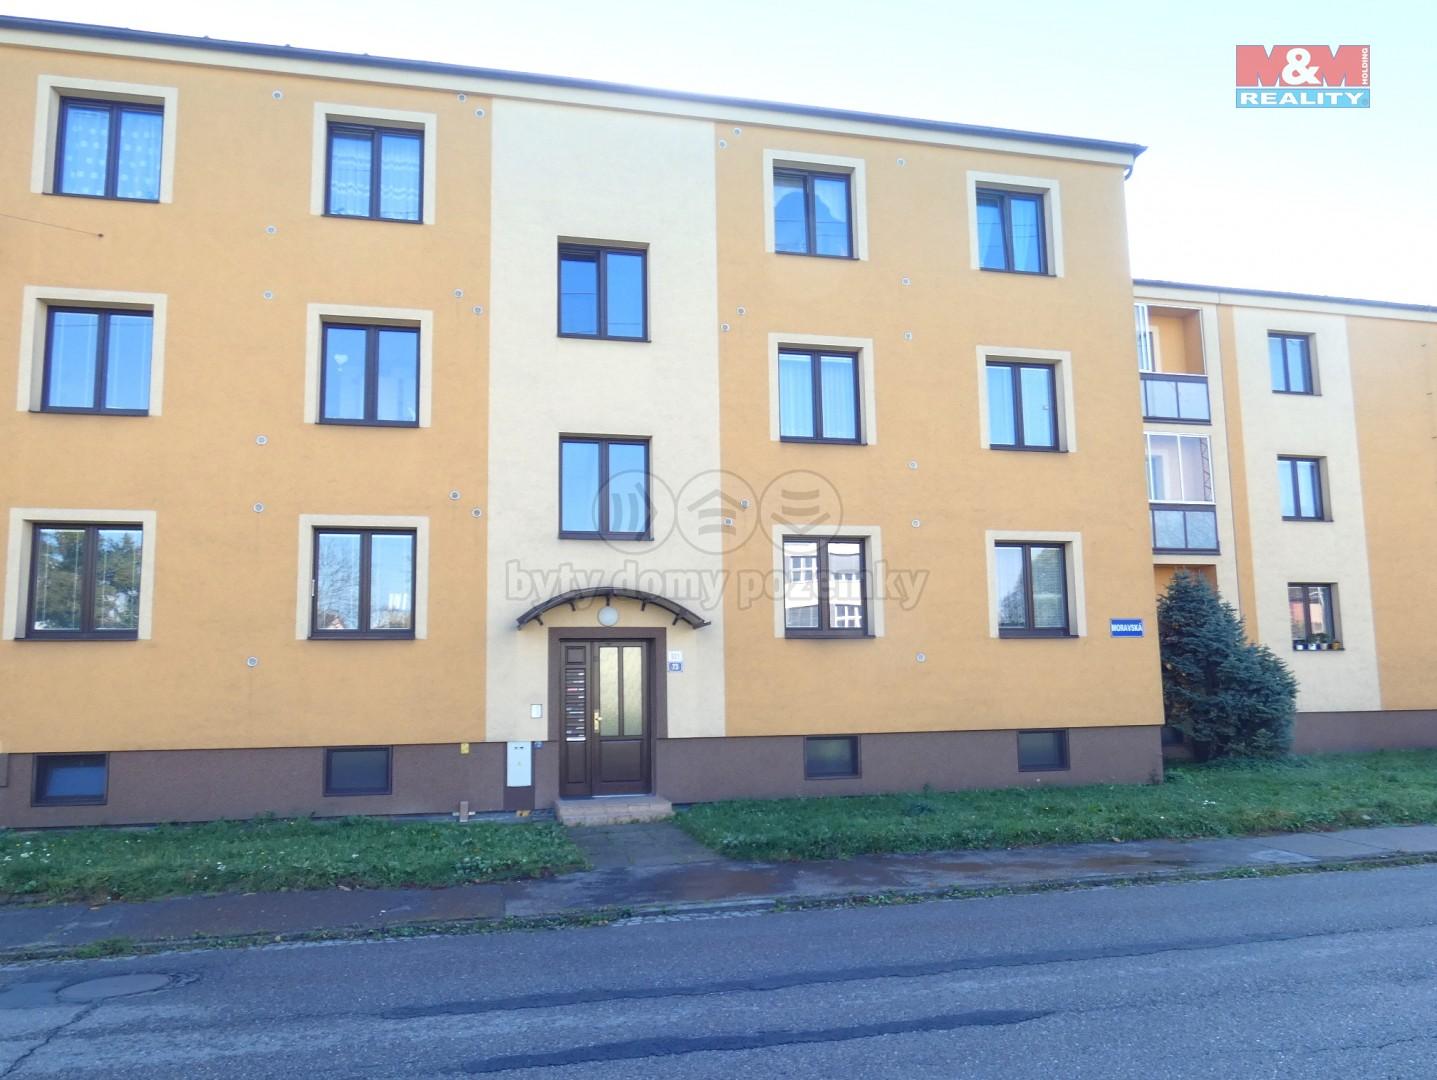 Prodej, byt 1+kk, 22 m², Ostrava, ul. Moravská